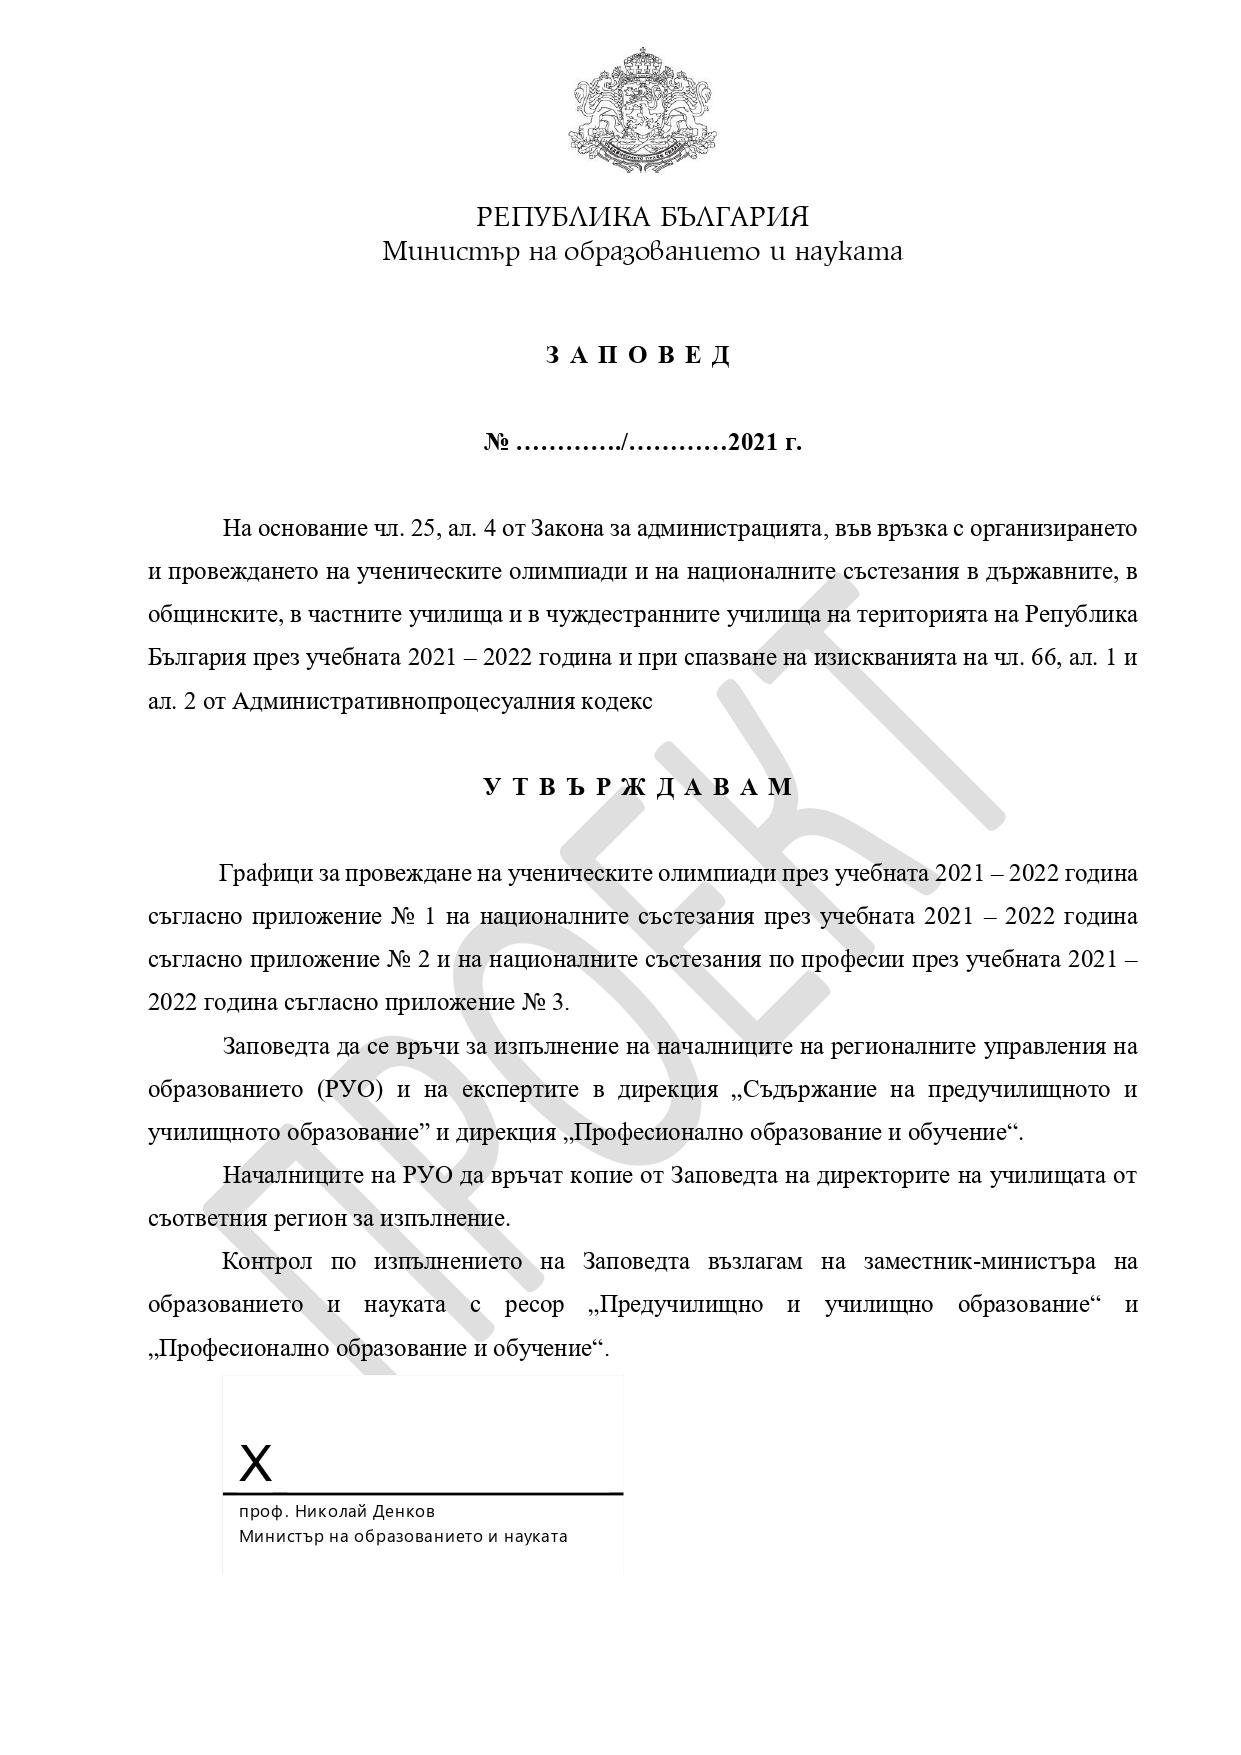 PRZ_grafik_olimpiadi_21-22_20072021 (1)_page-0001